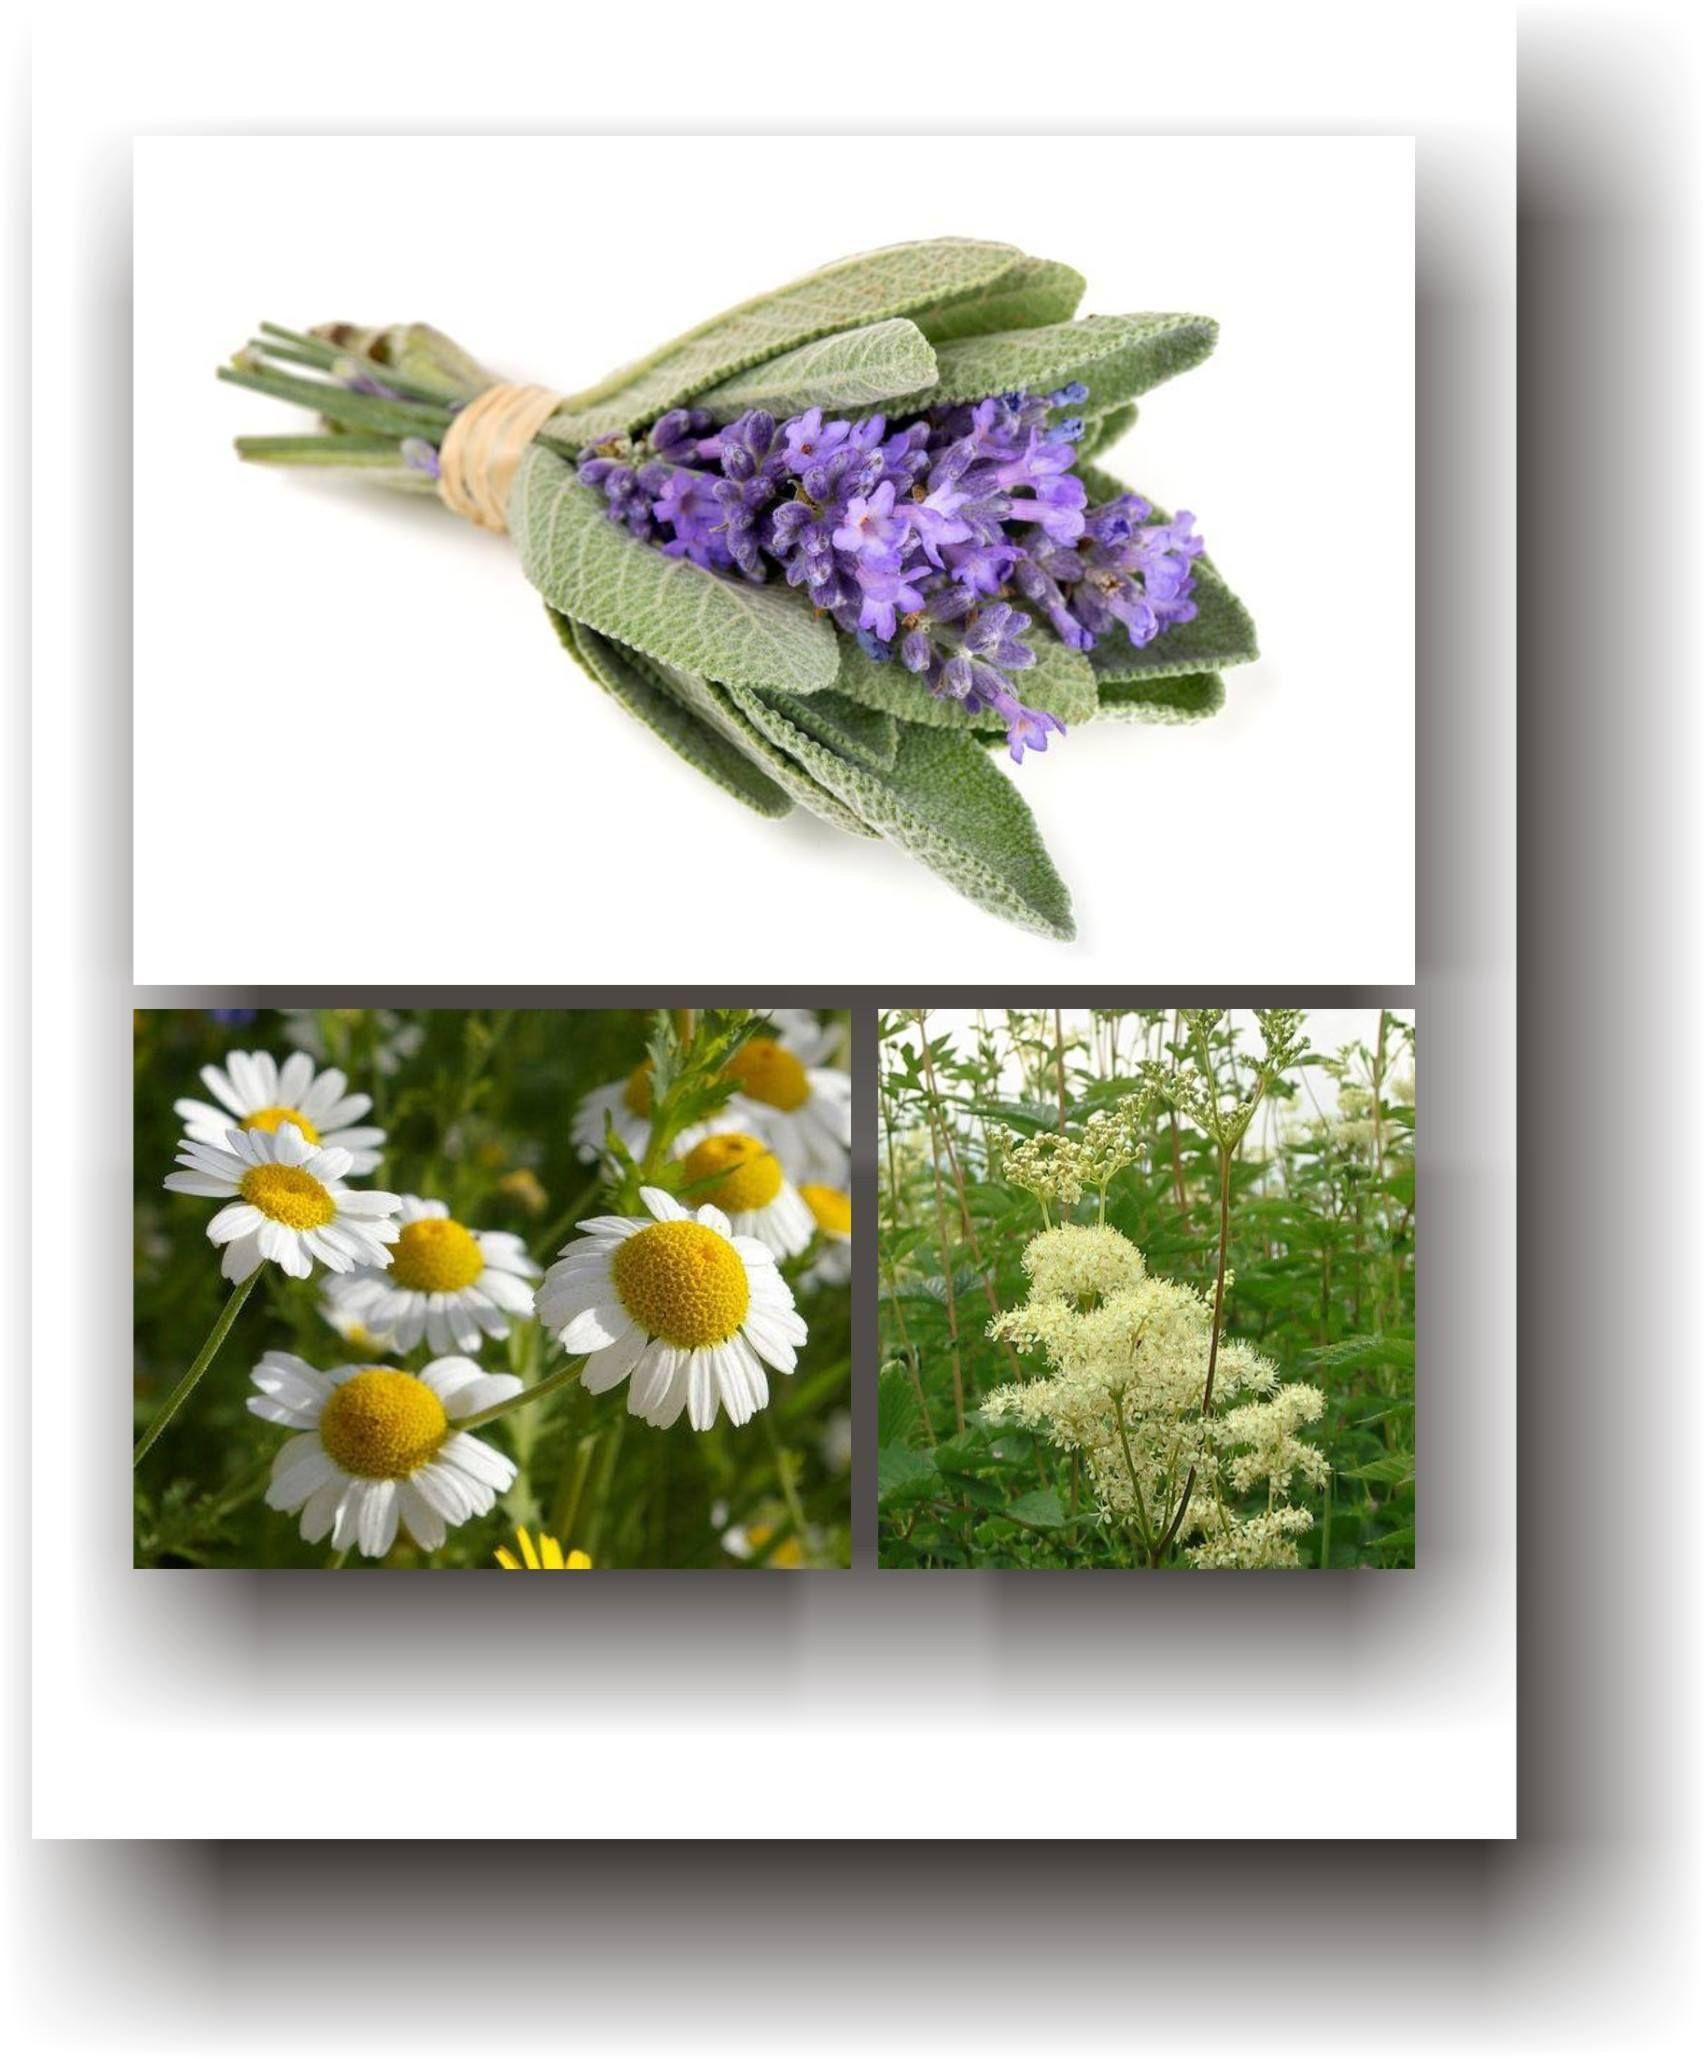 plante terapeutice din varicoză